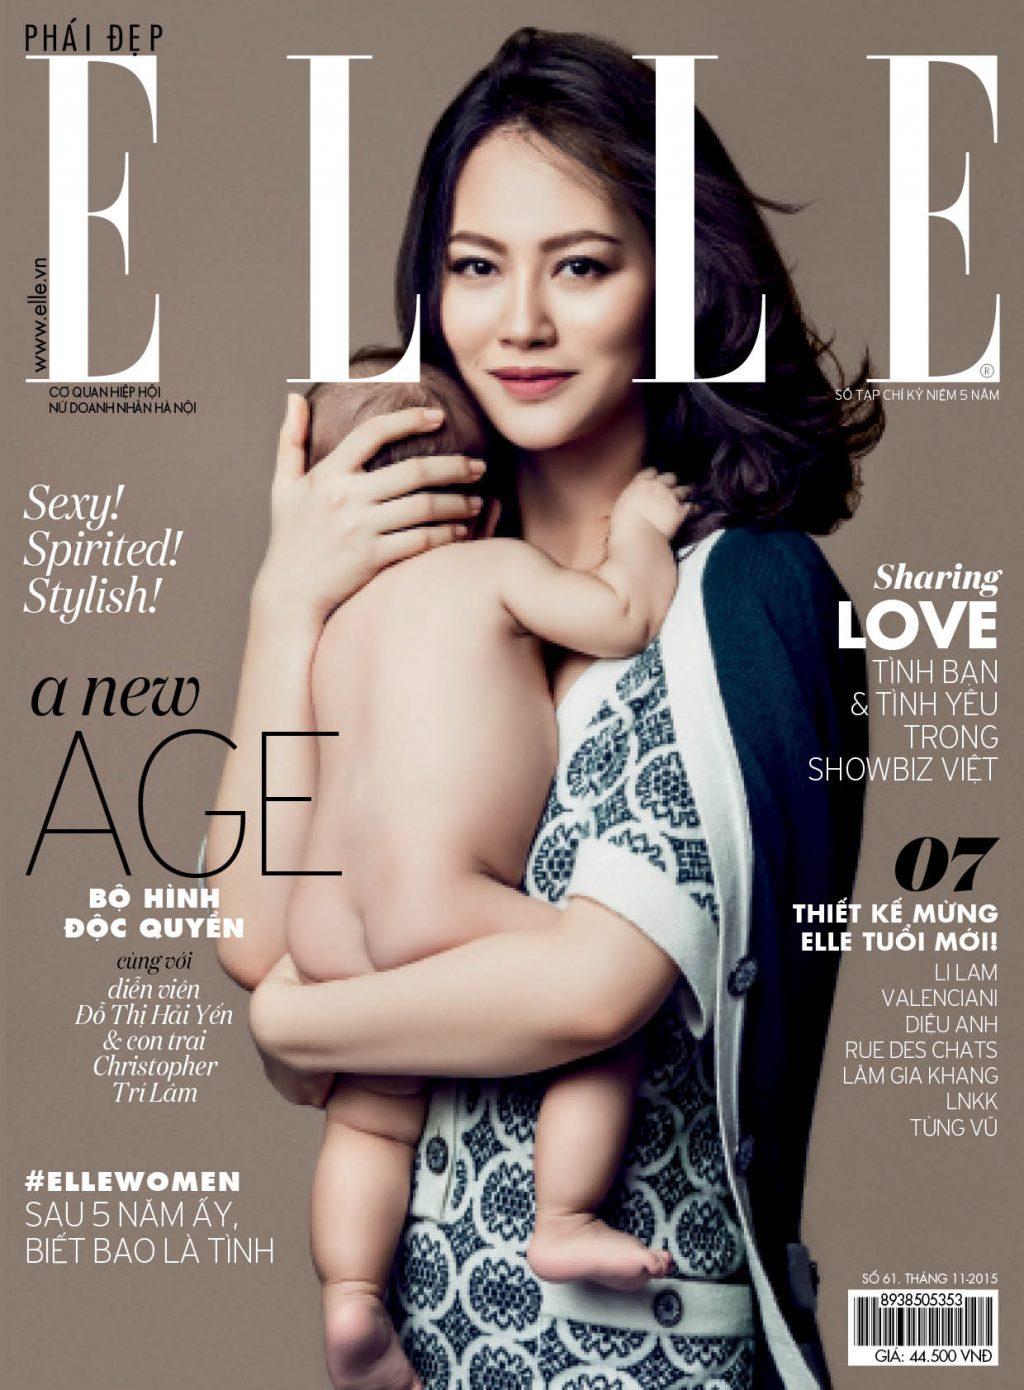 Trang bìa tạp chí mừng sinh nhật ELLE Việt Nam lần thứ 5